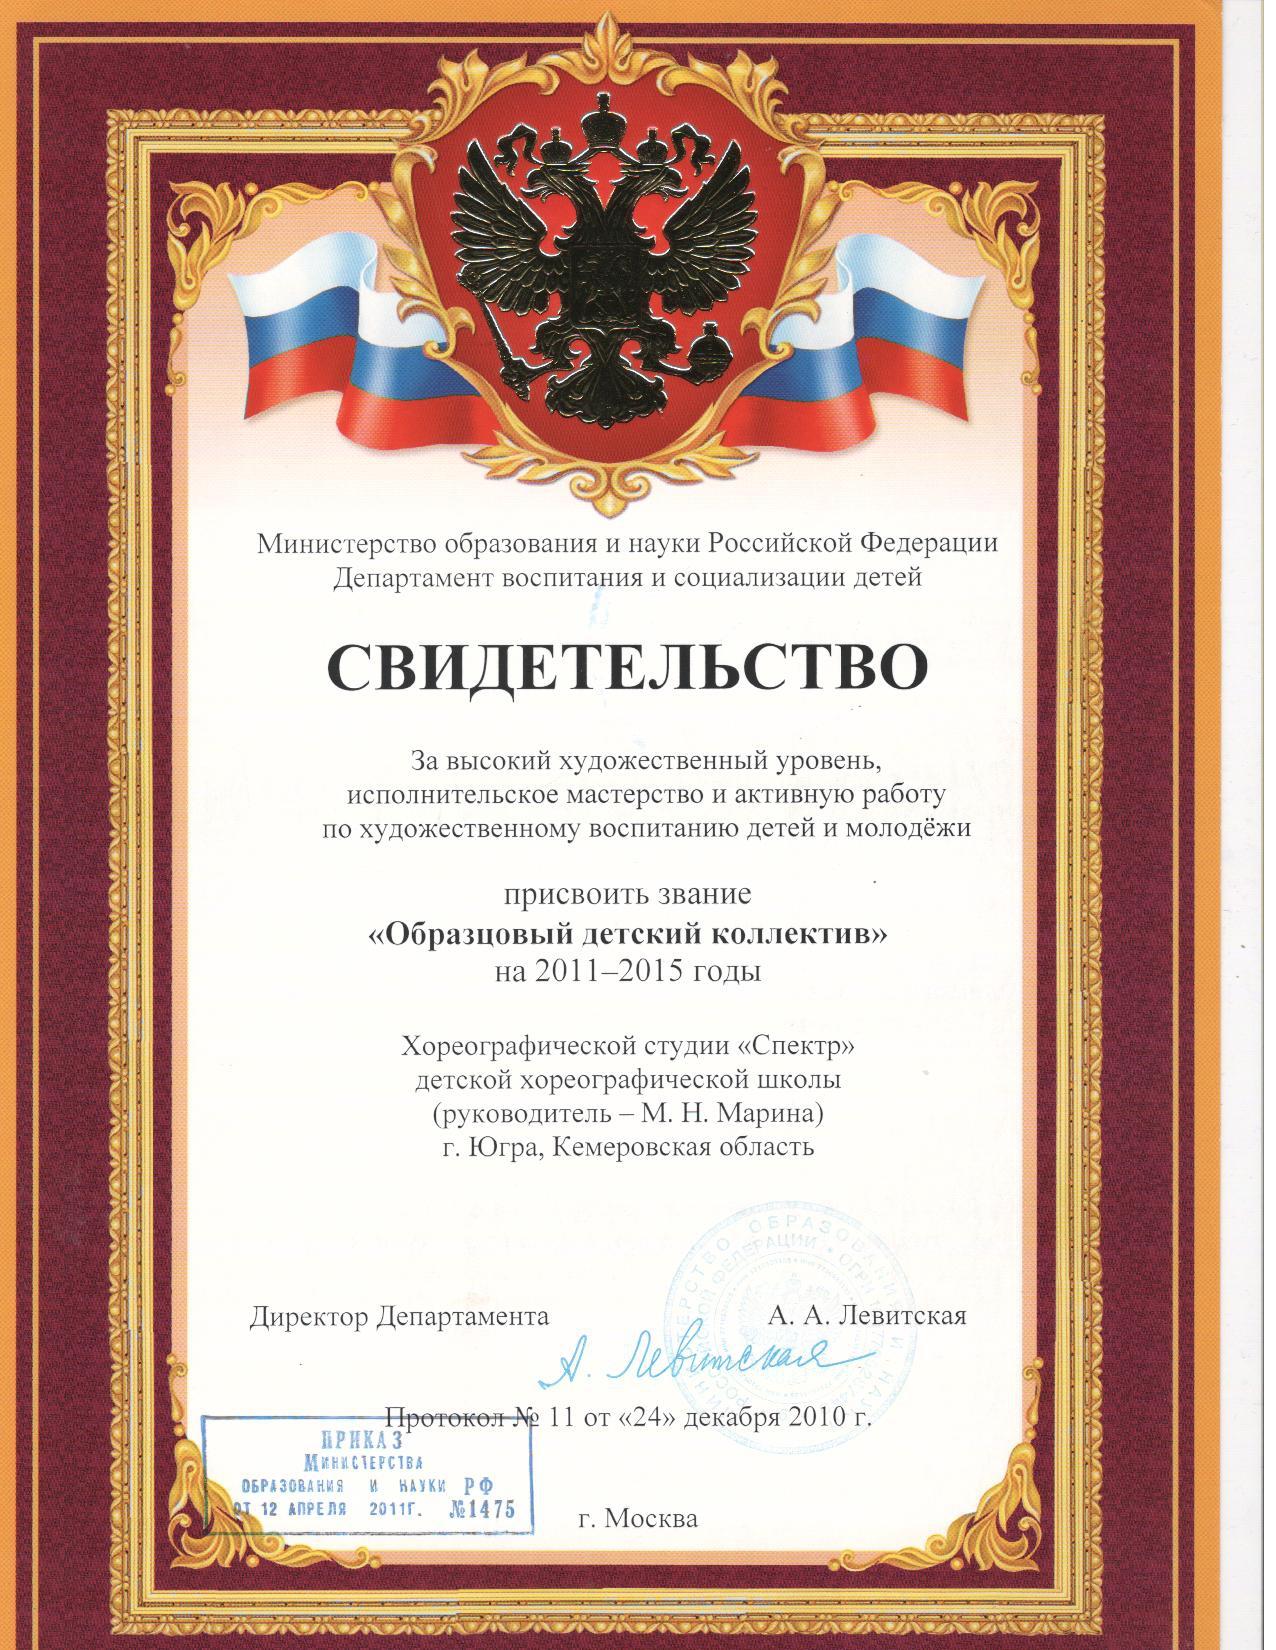 Поздравление с присвоением звания образцовый коллектив